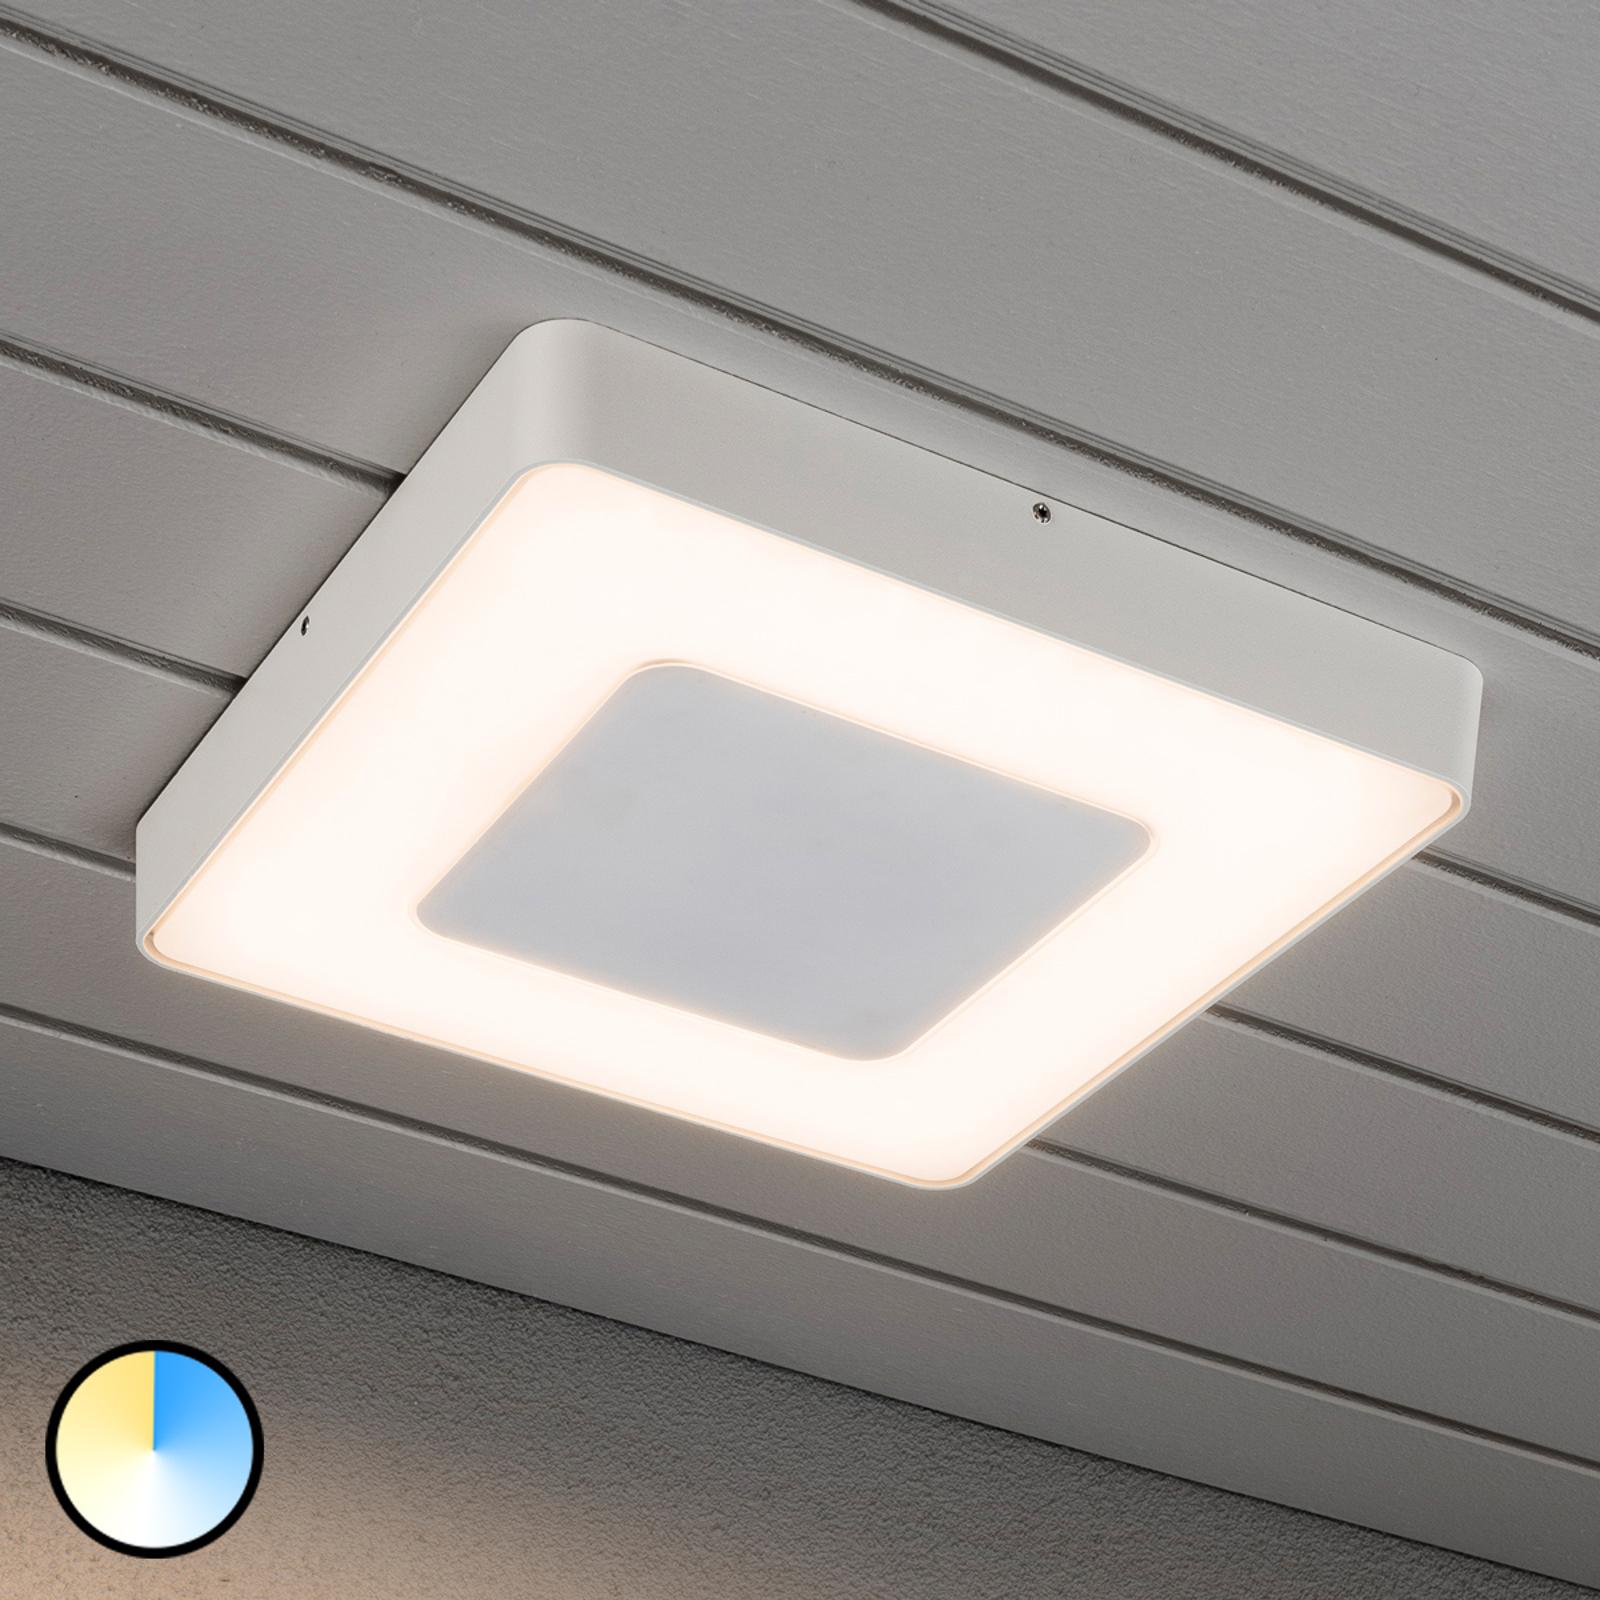 Taklamper utendørs, også med LED | Lampegiganten.no